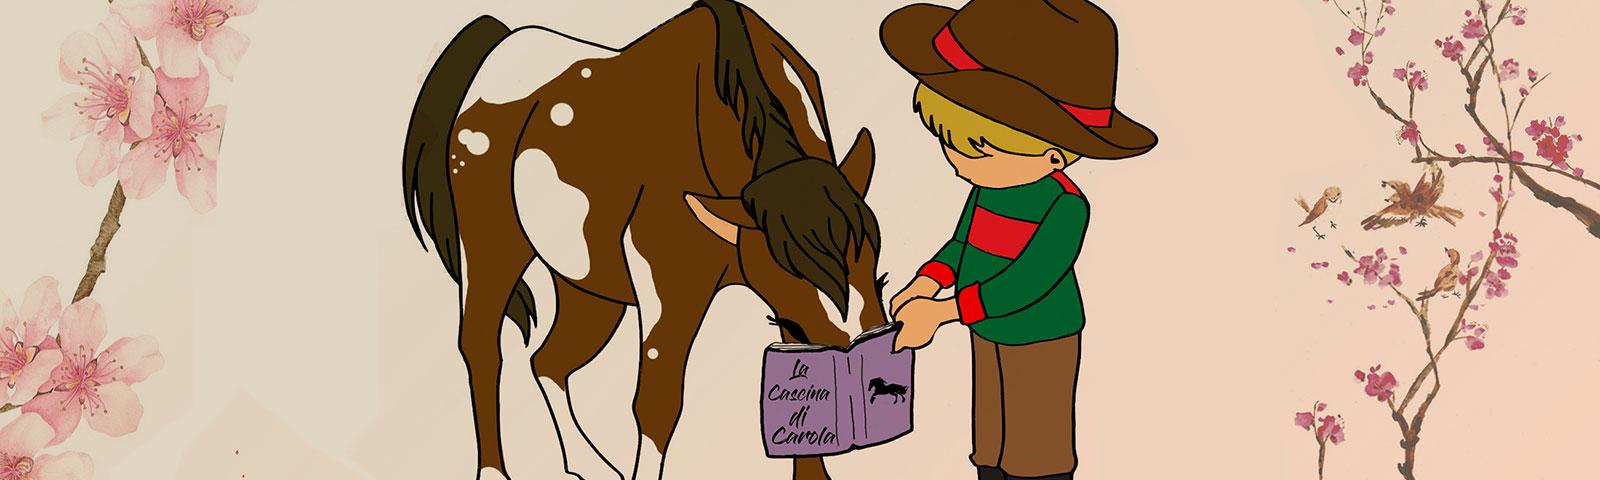 Le letture animate in scuderia alla Cascina di Carola